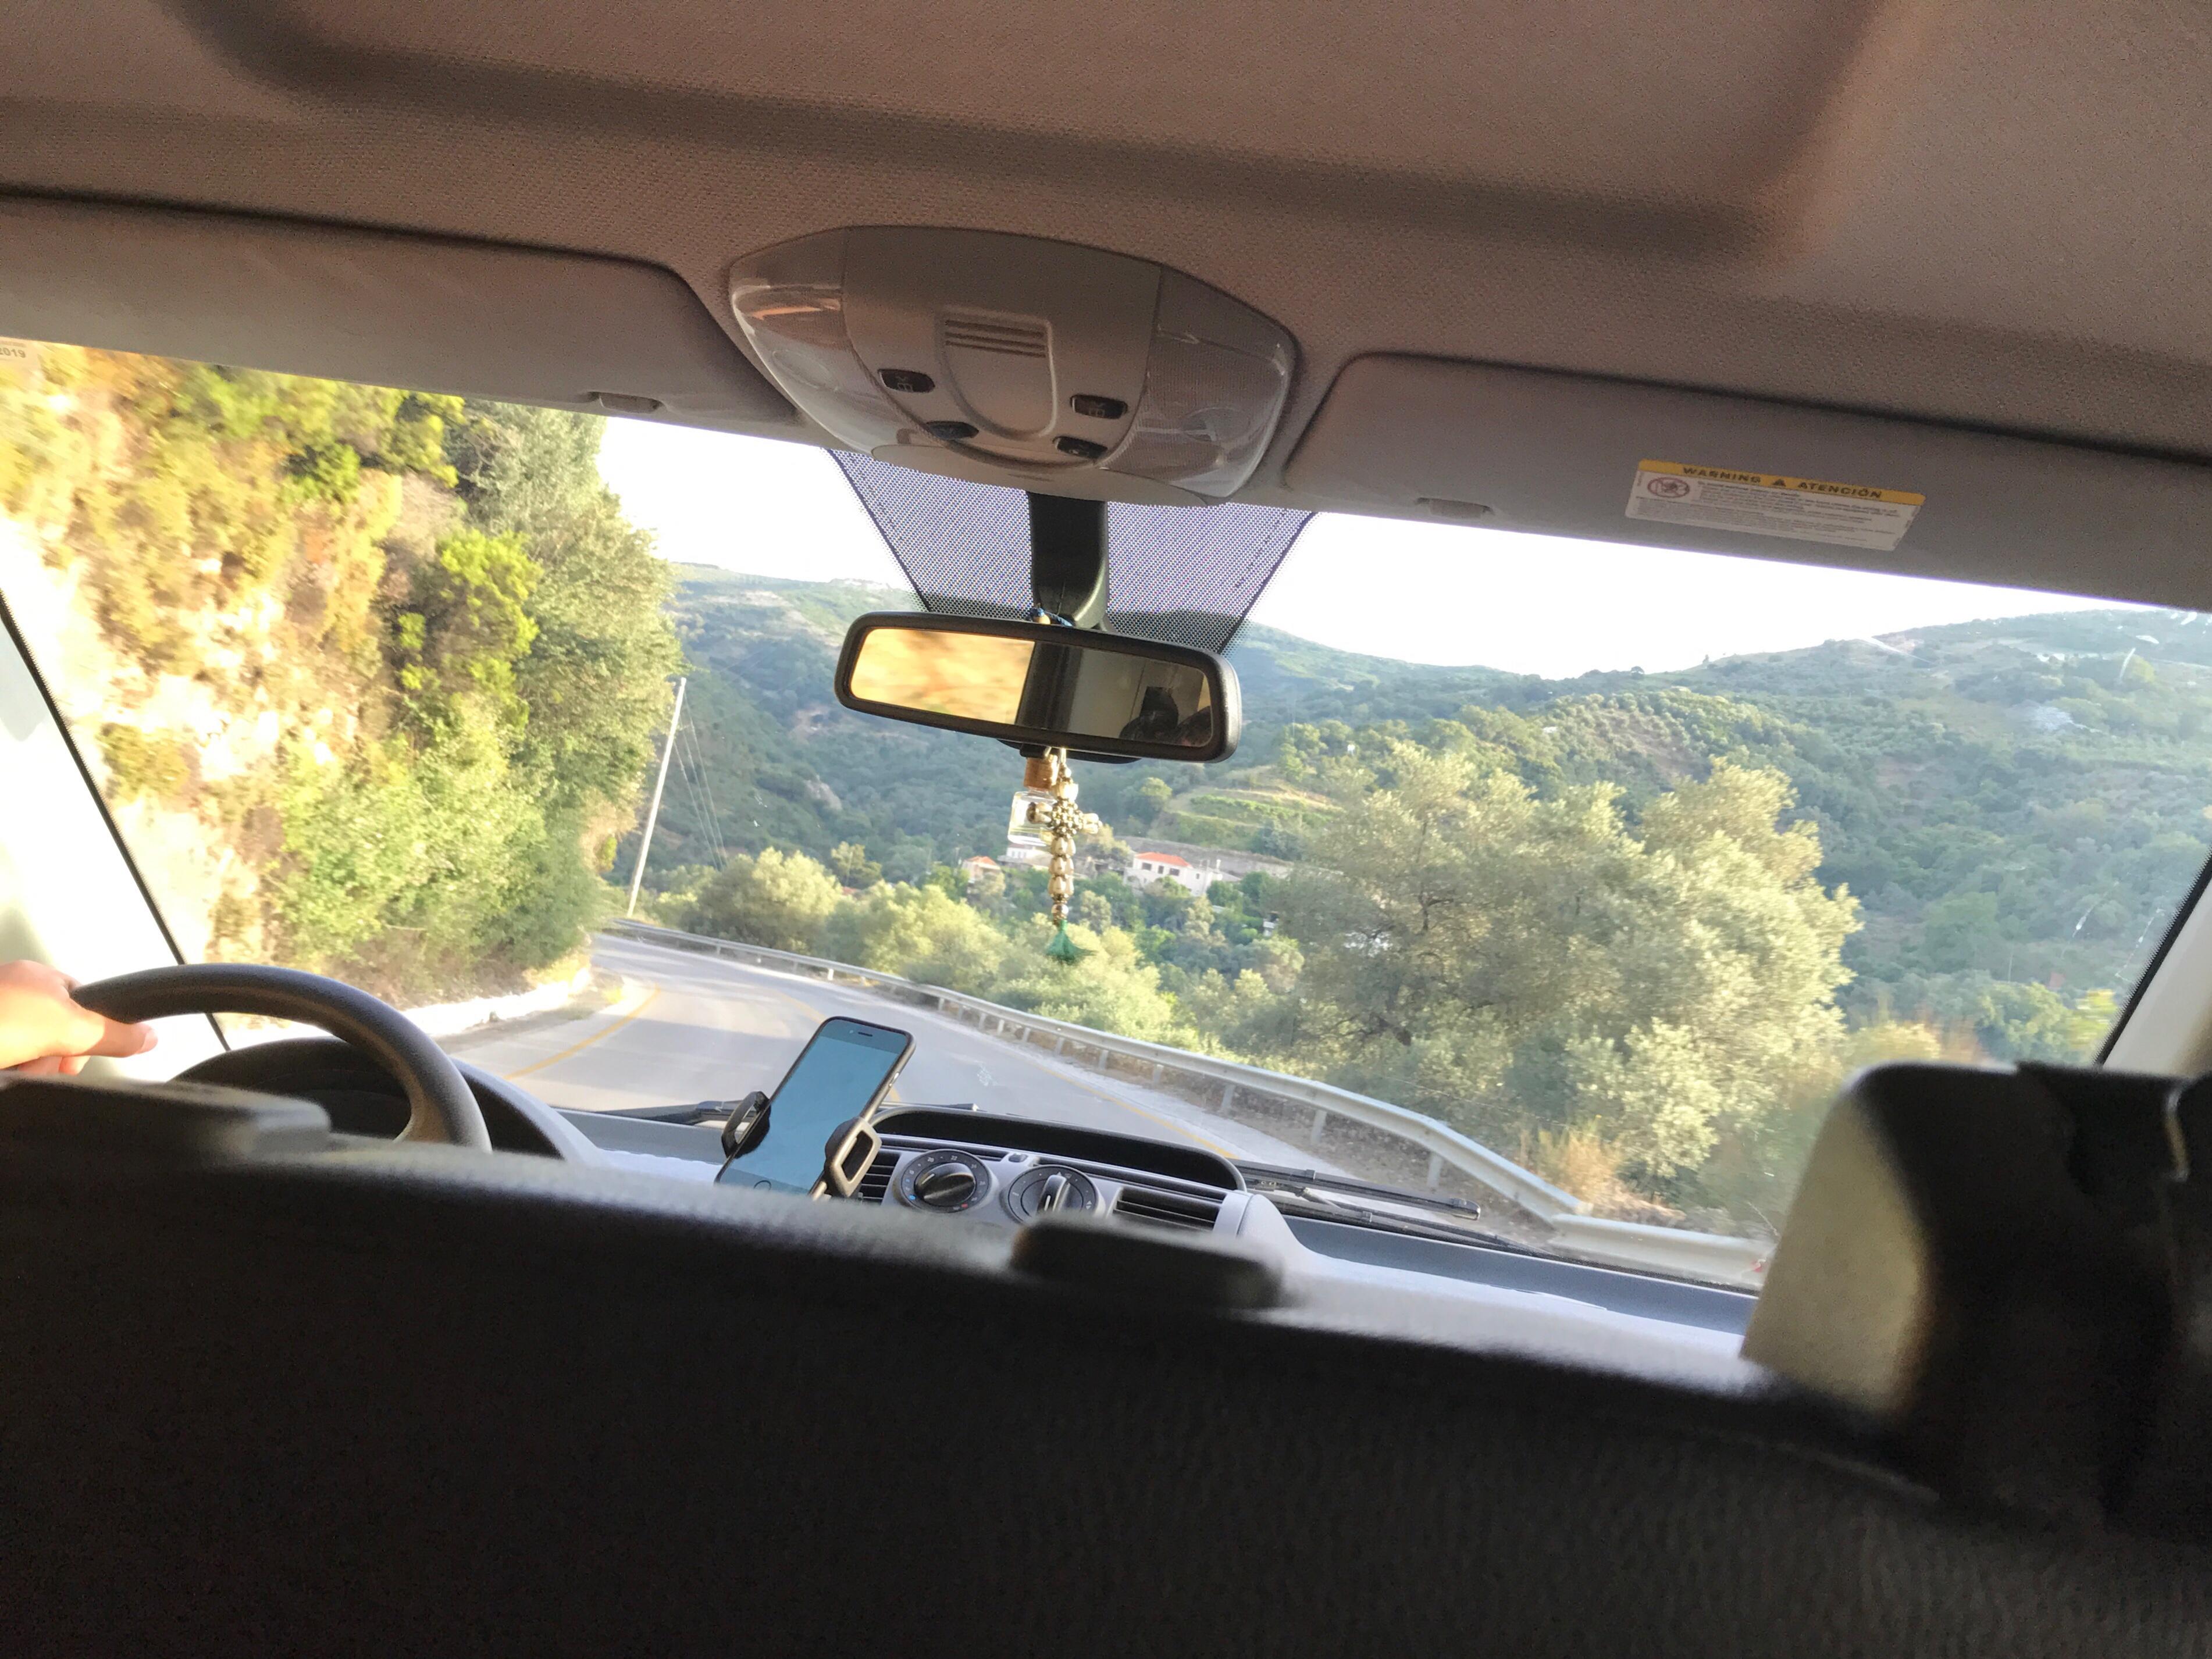 Bilde tatt gjennom frontruta på en bil. Skogkledt fjellandskap utenfor.